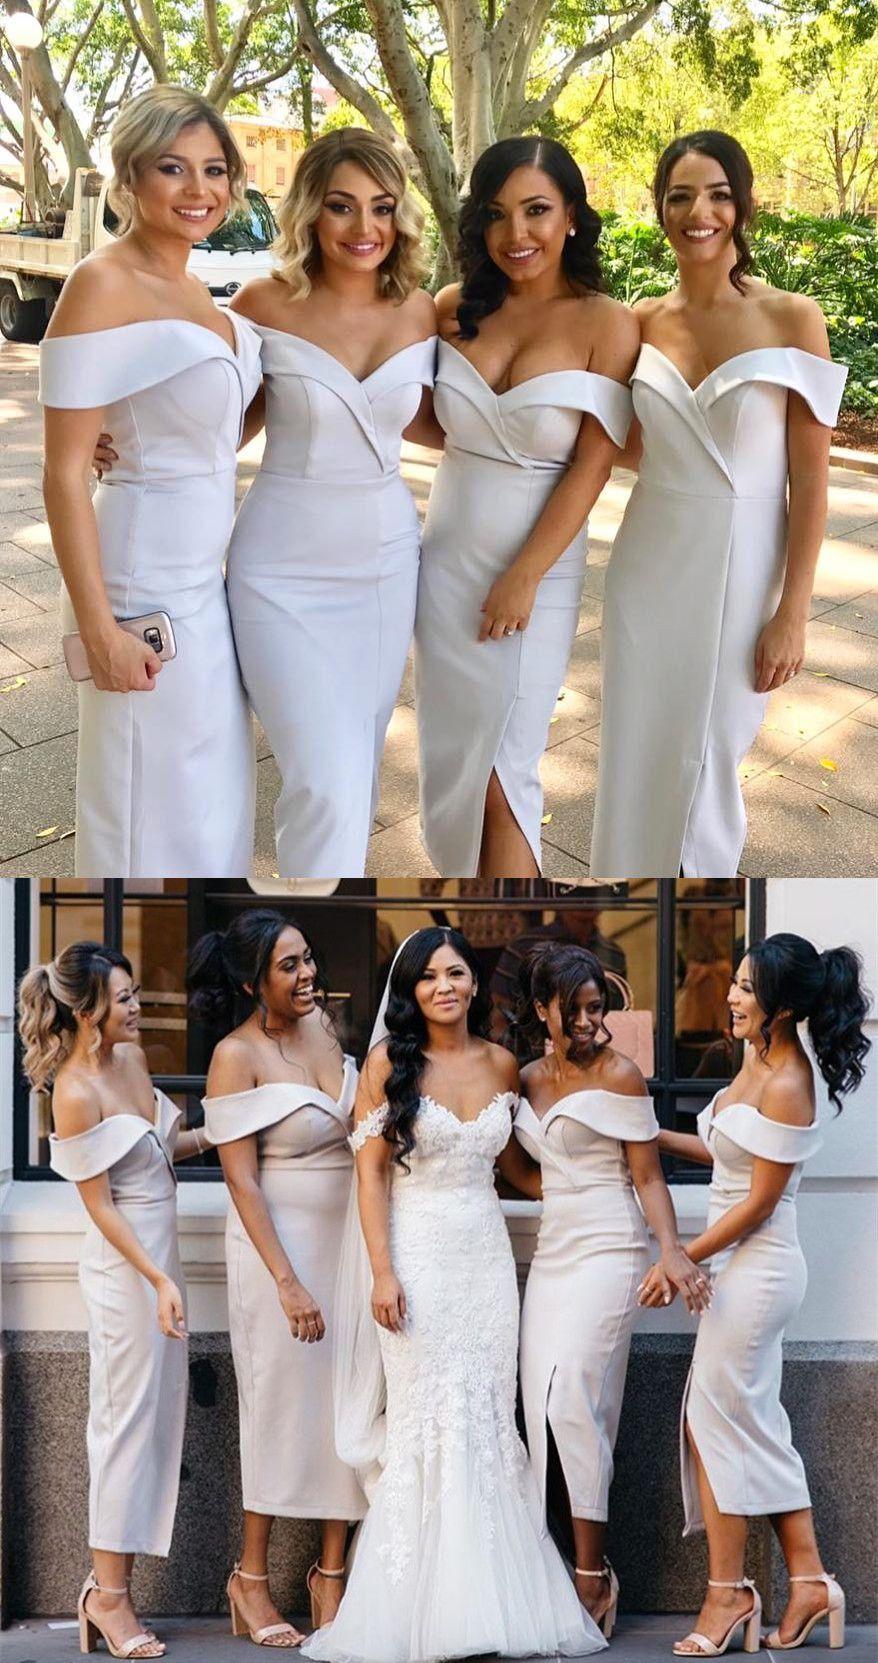 Elegant Off The Shoulder Short White Bridesmaid Dress White Bridesmaid Dresses Bodycon Bridesmaids Dresses Senior Prom Dresses